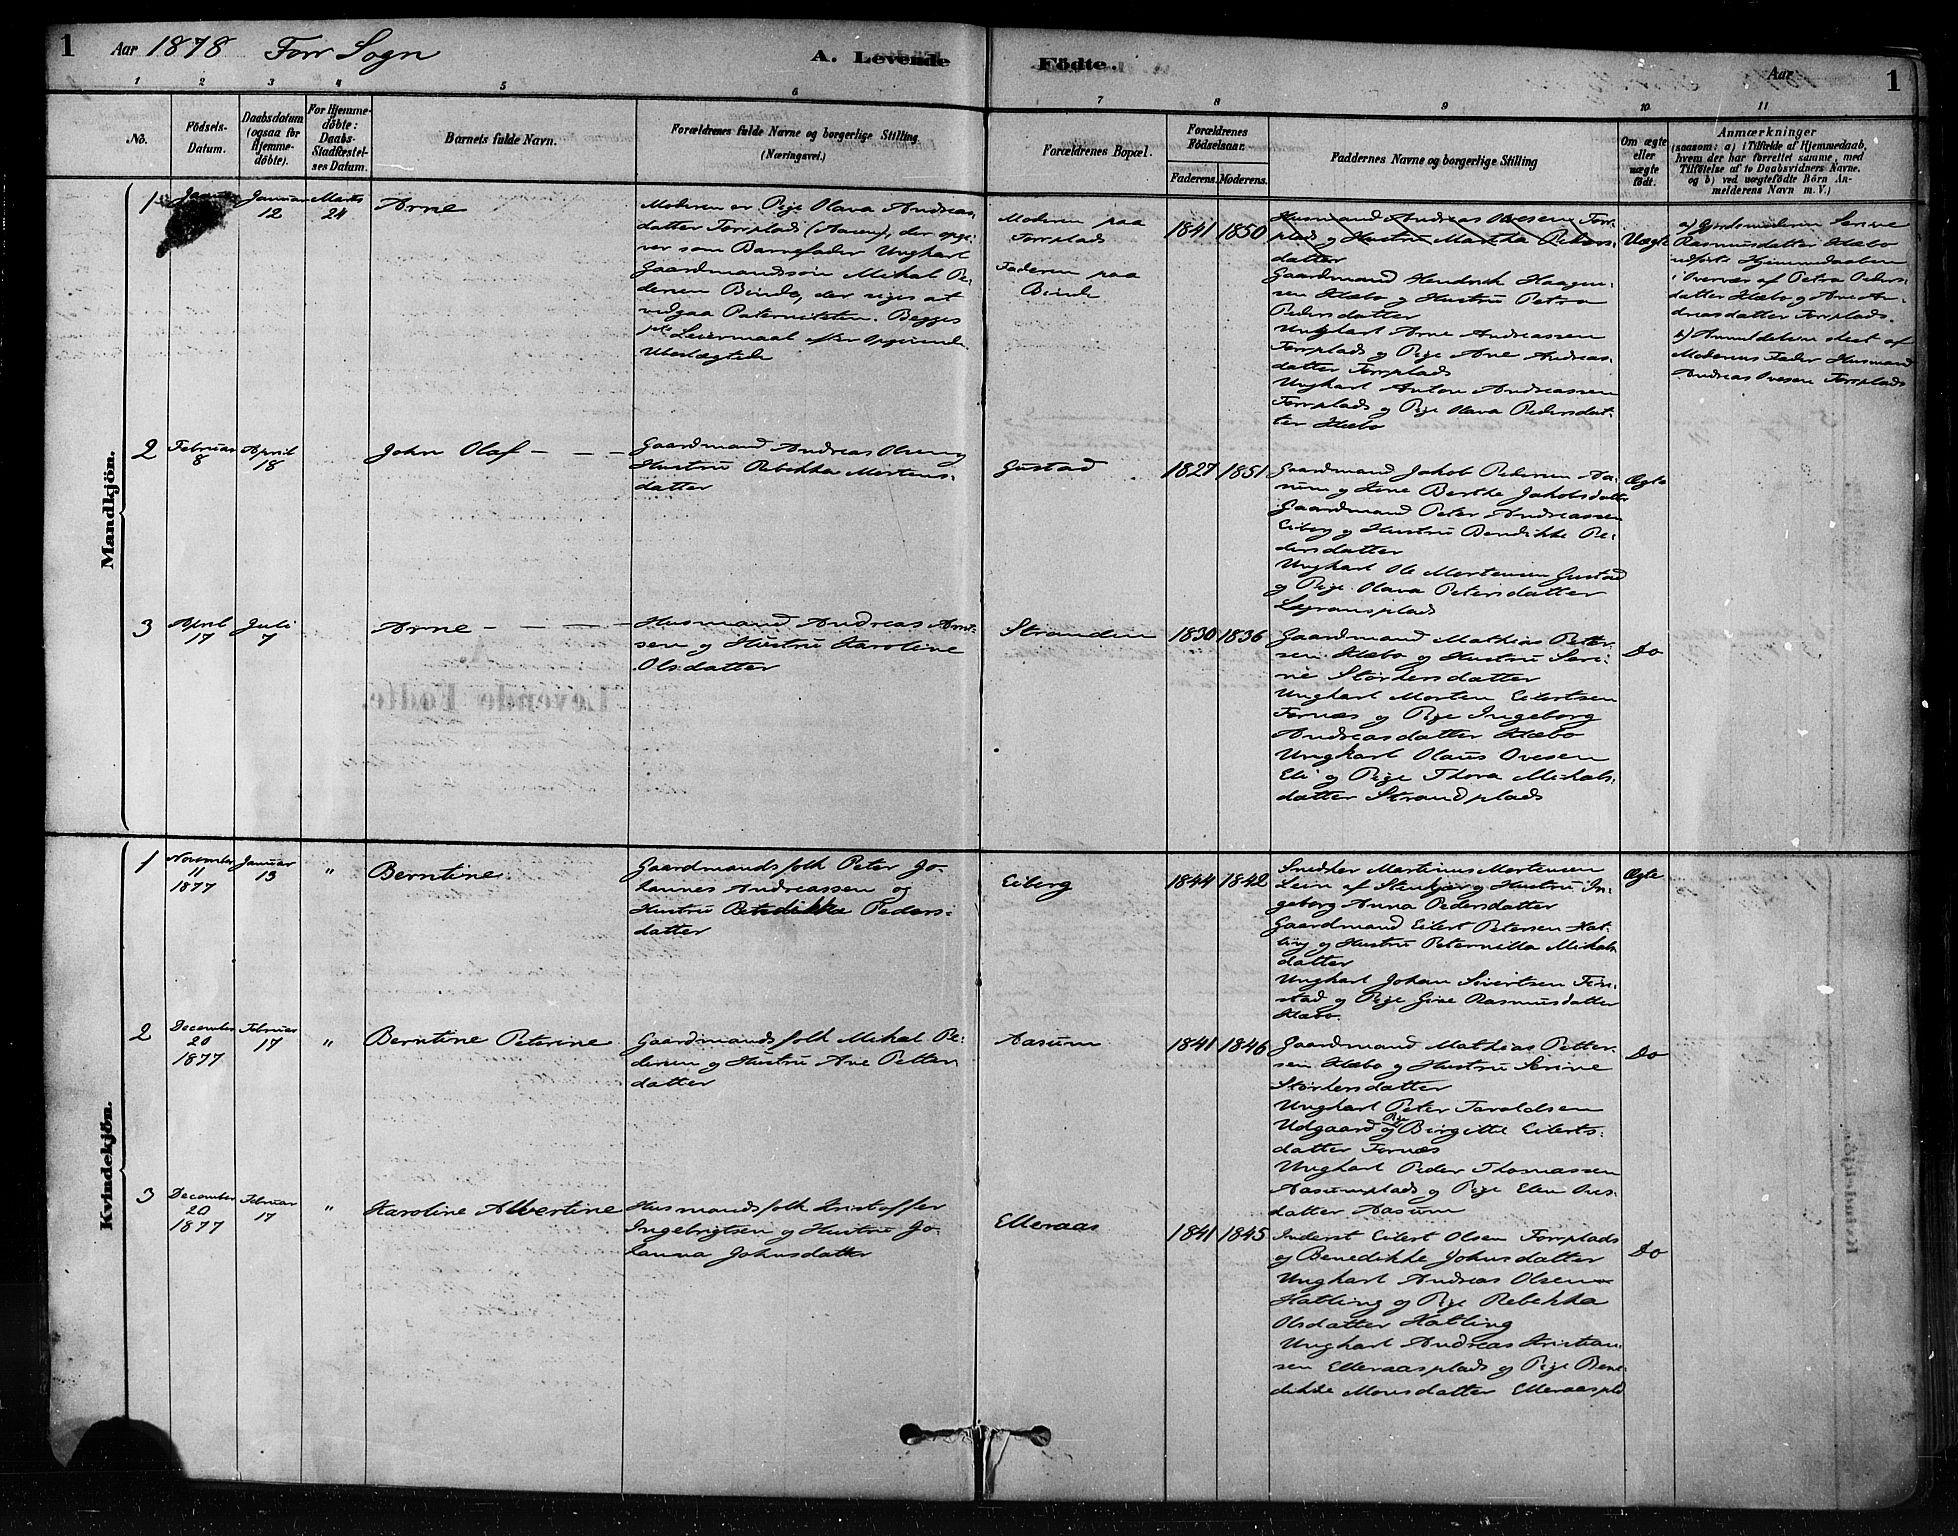 SAT, Ministerialprotokoller, klokkerbøker og fødselsregistre - Nord-Trøndelag, 746/L0448: Ministerialbok nr. 746A07 /1, 1878-1900, s. 1